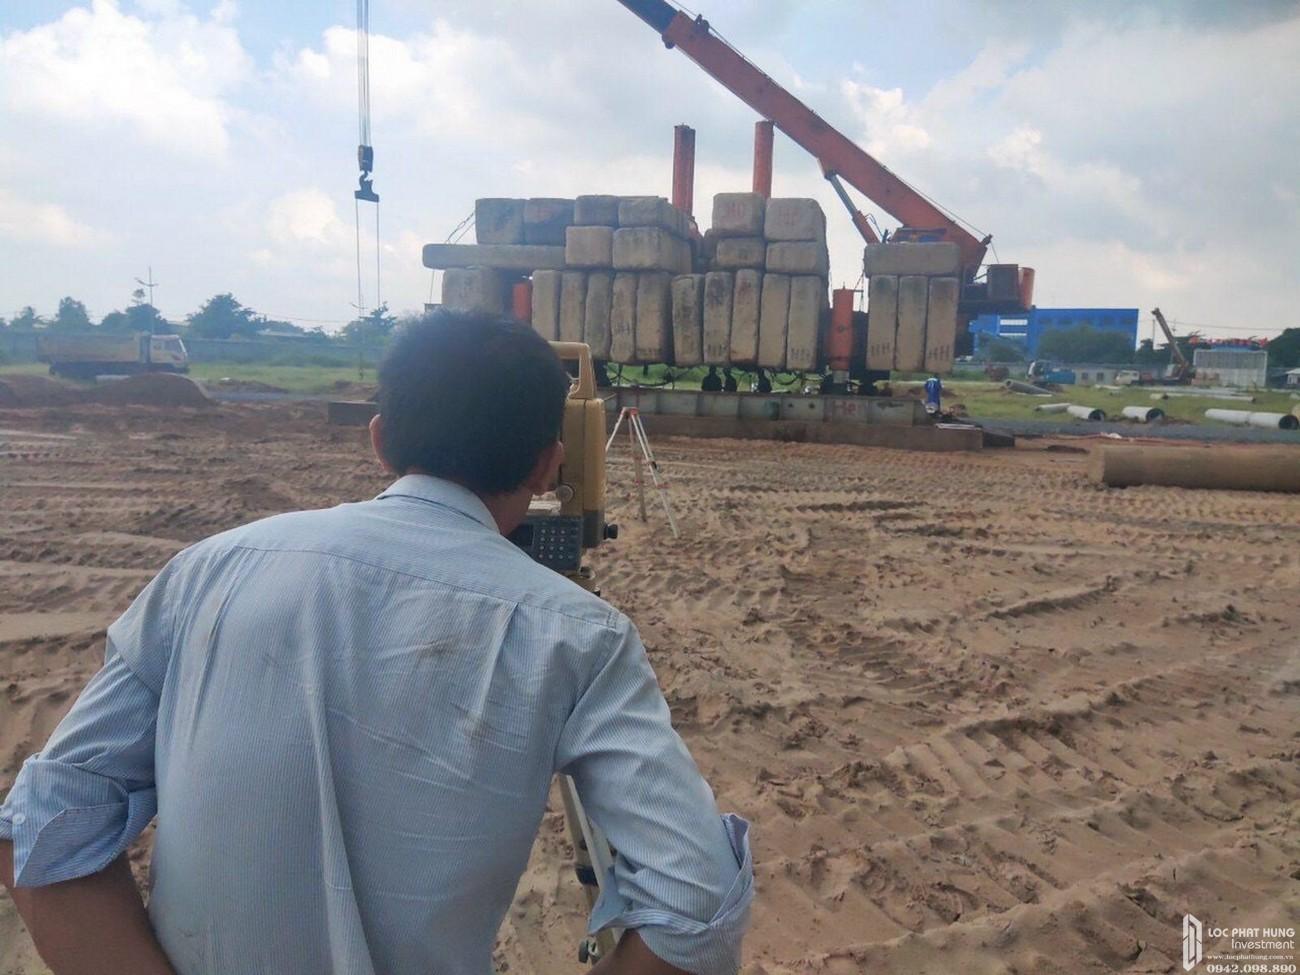 Tiến độ dự án căn hộ chung cư West Gate Bình Chánh chủ đầu tư An Gia - tháng 09/2020